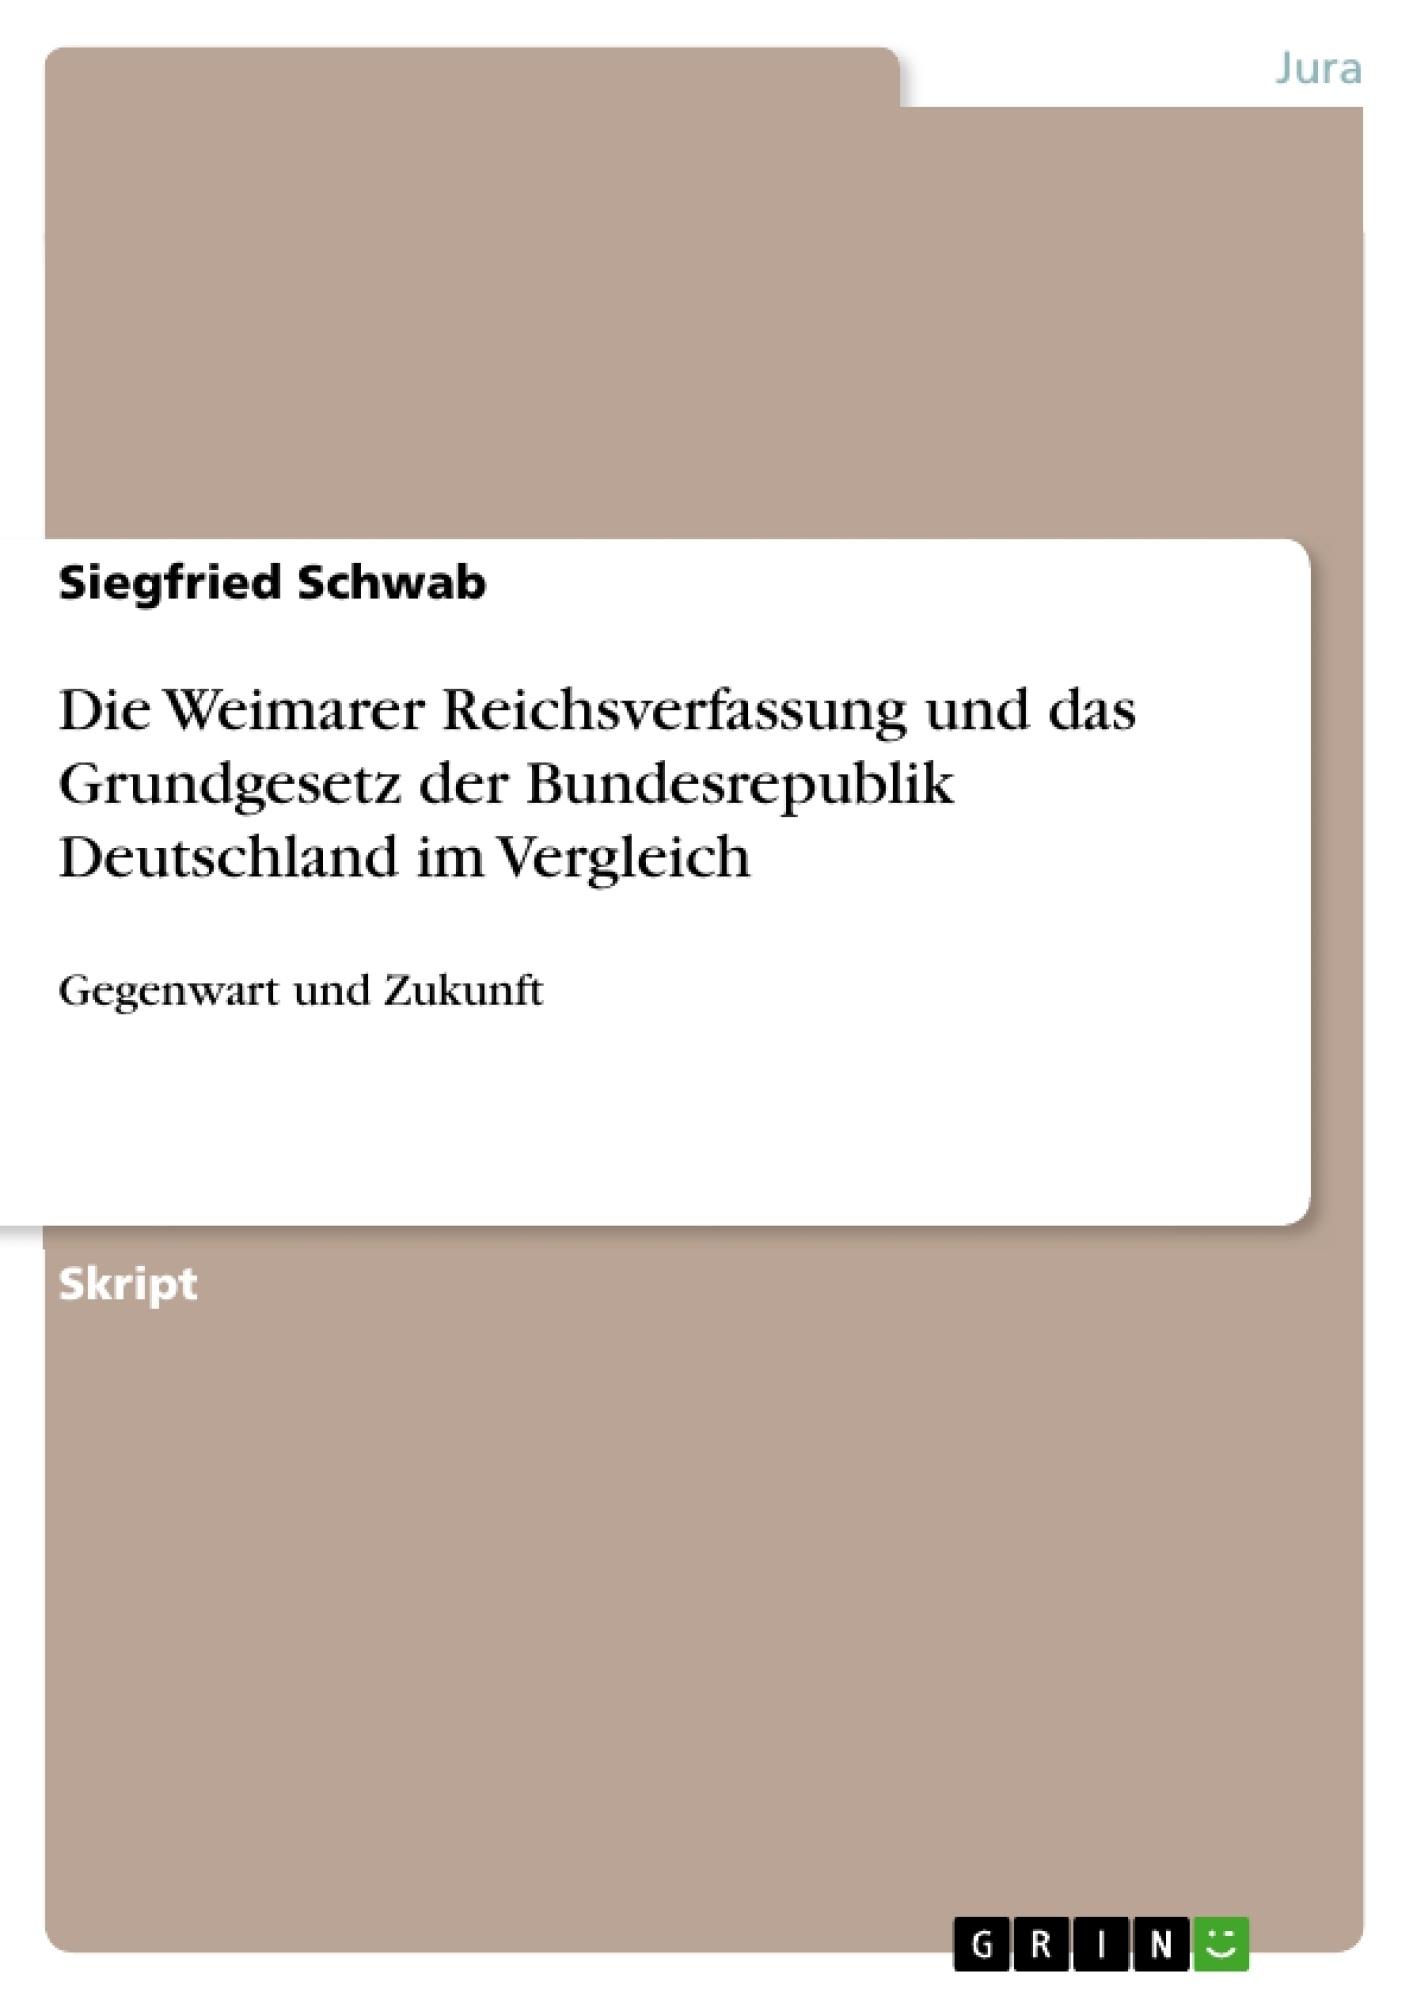 Titel: Die Weimarer Reichsverfassung und das Grundgesetz der Bundesrepublik Deutschland im Vergleich